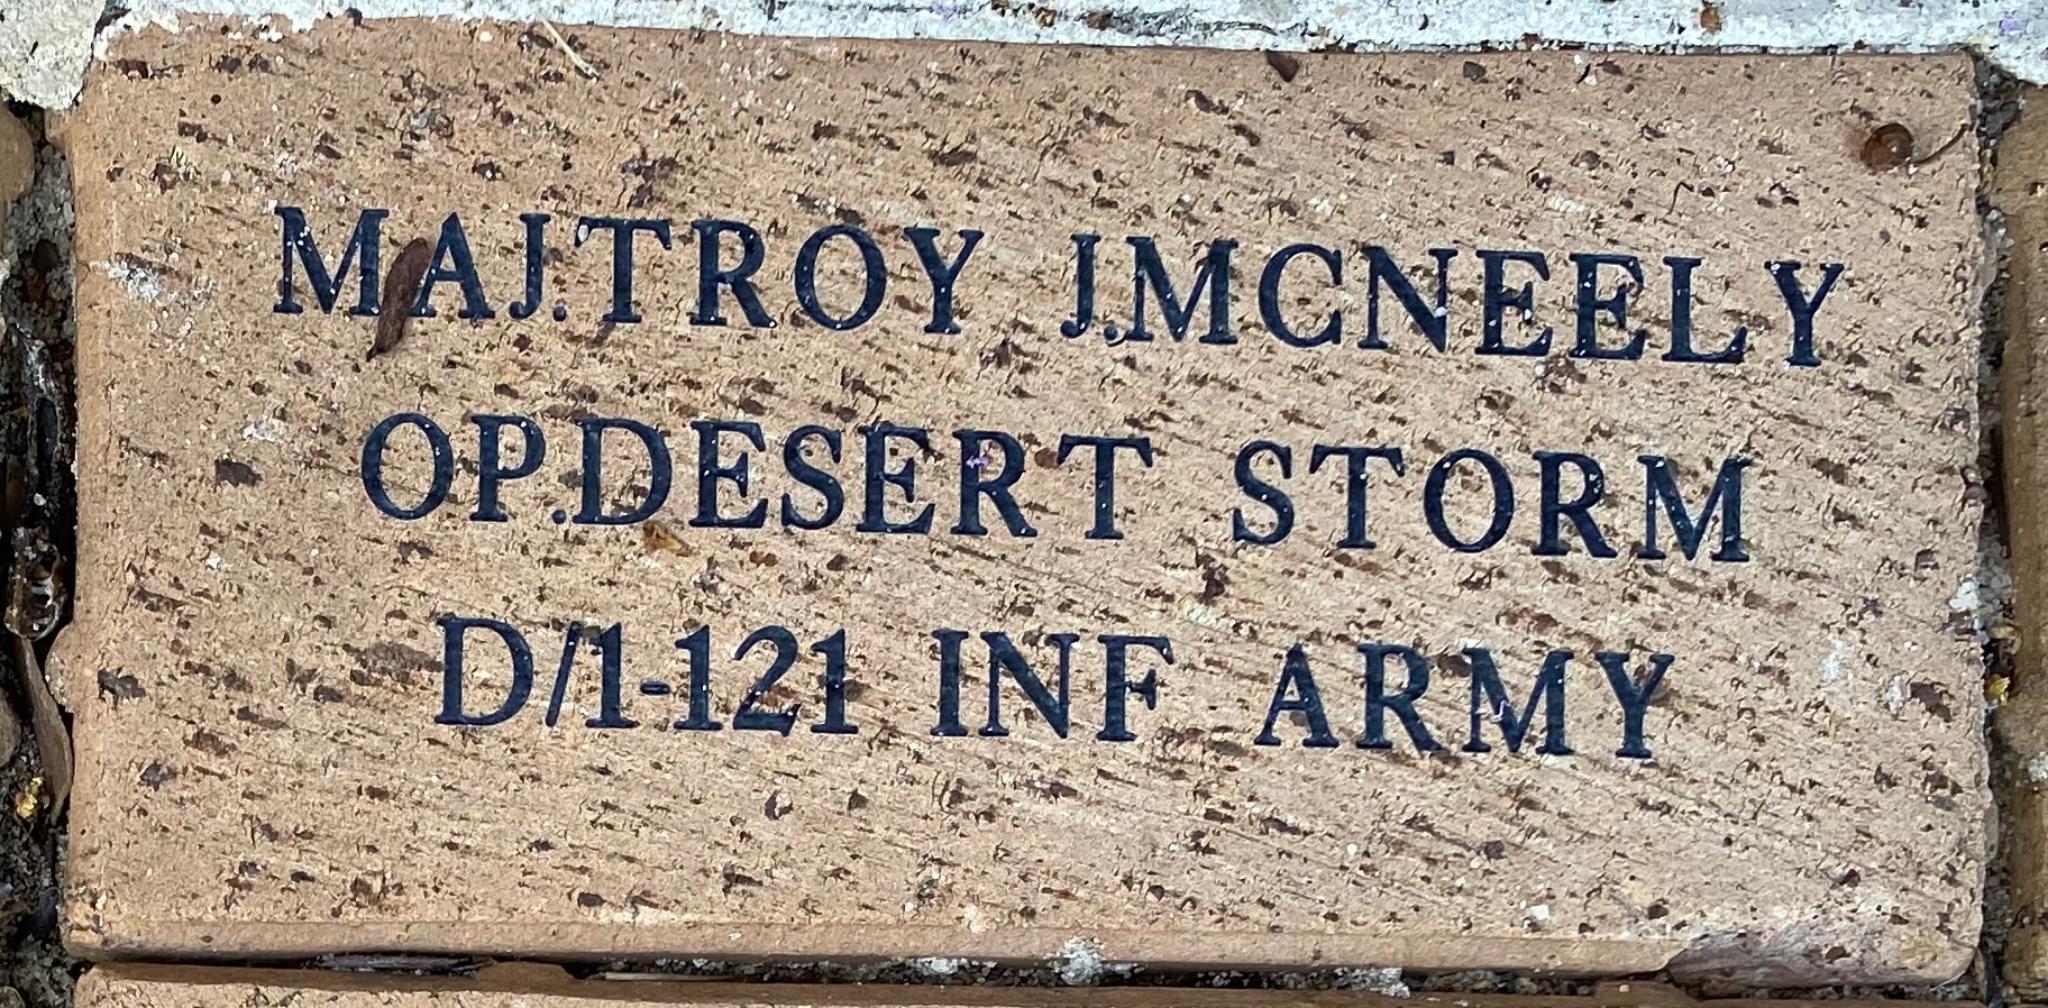 MAJ.TROY J.MCNEELY OP.DESERT STORM D/1-121 INF ARMY